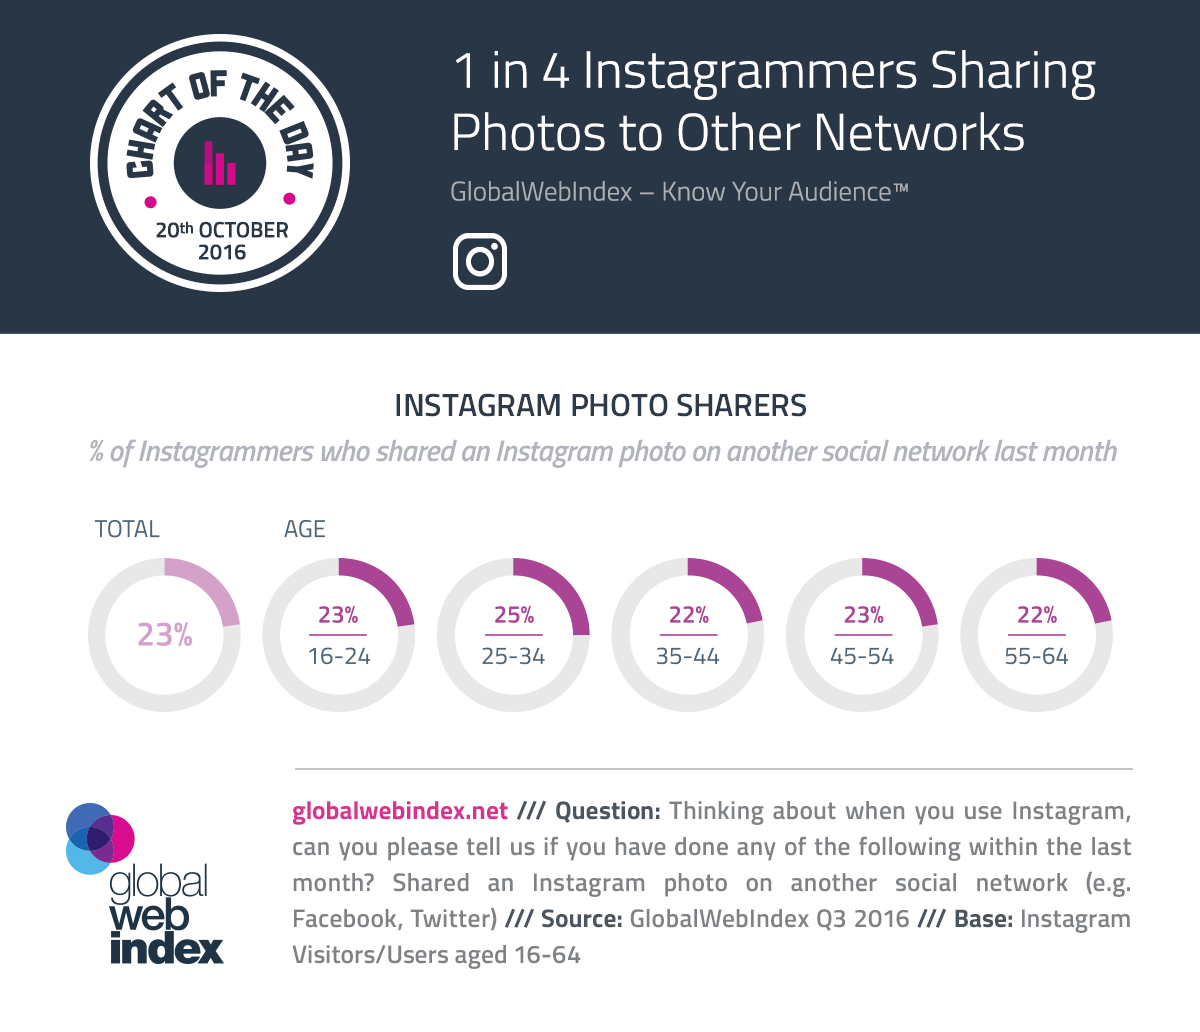 1 de cada 4 Instagrammers Compartir fotos a otras redes